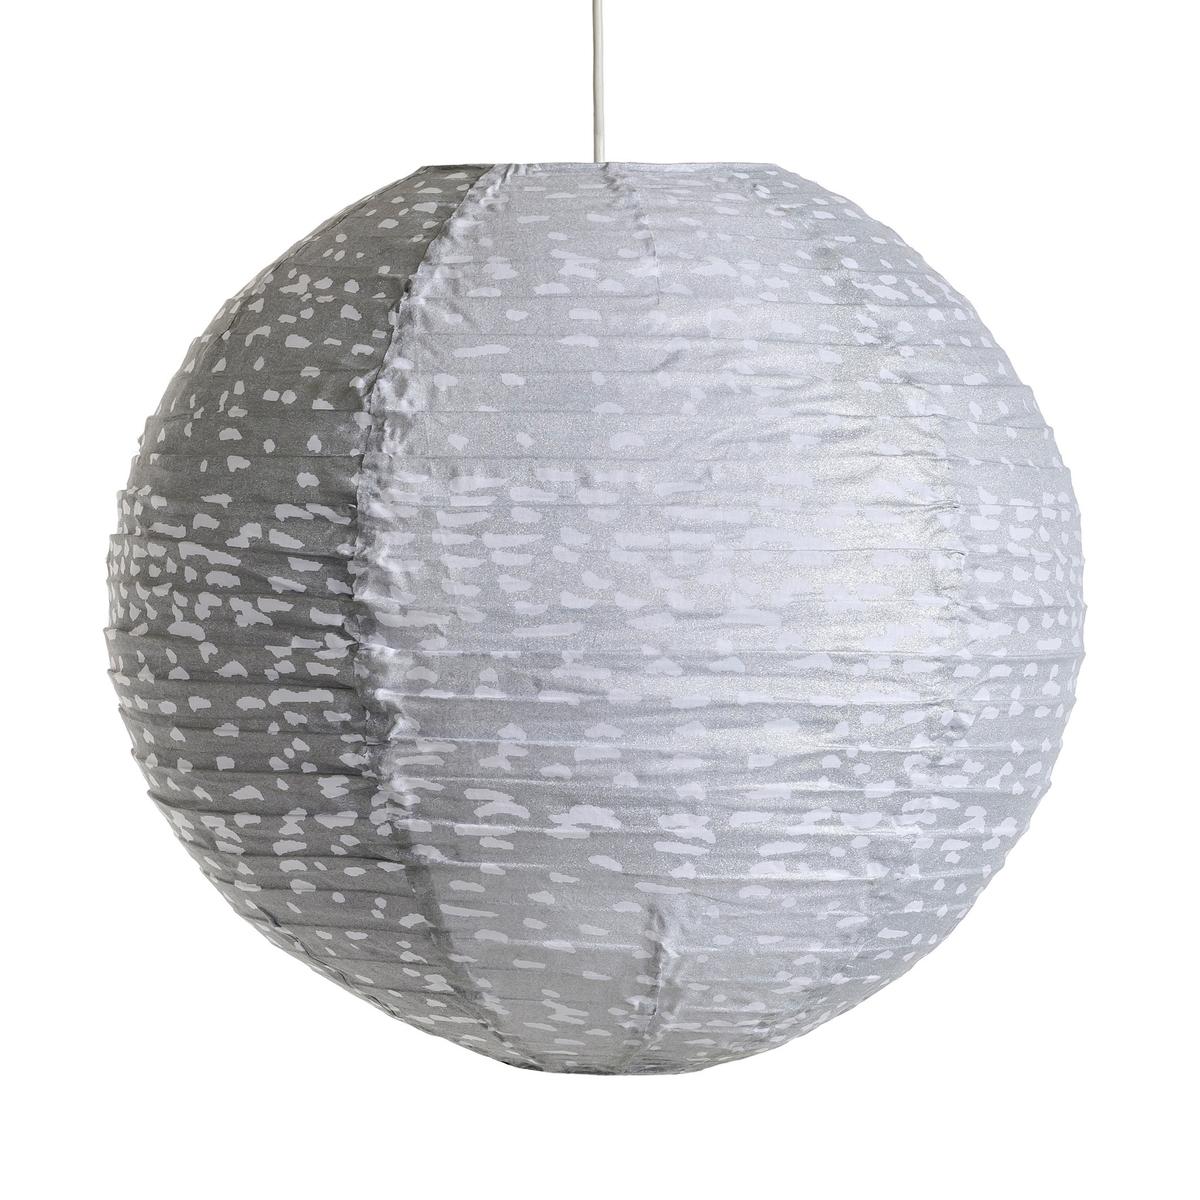 Светильник подвесной круглый Sidy с точечным рисункомХарактеристики :- Каркас из металлических проволок, обтянутый хлопком.- Без проводки . Размеры :- Размер. ?.50 см.<br><br>Цвет: серый/ белый<br>Размер: единый размер